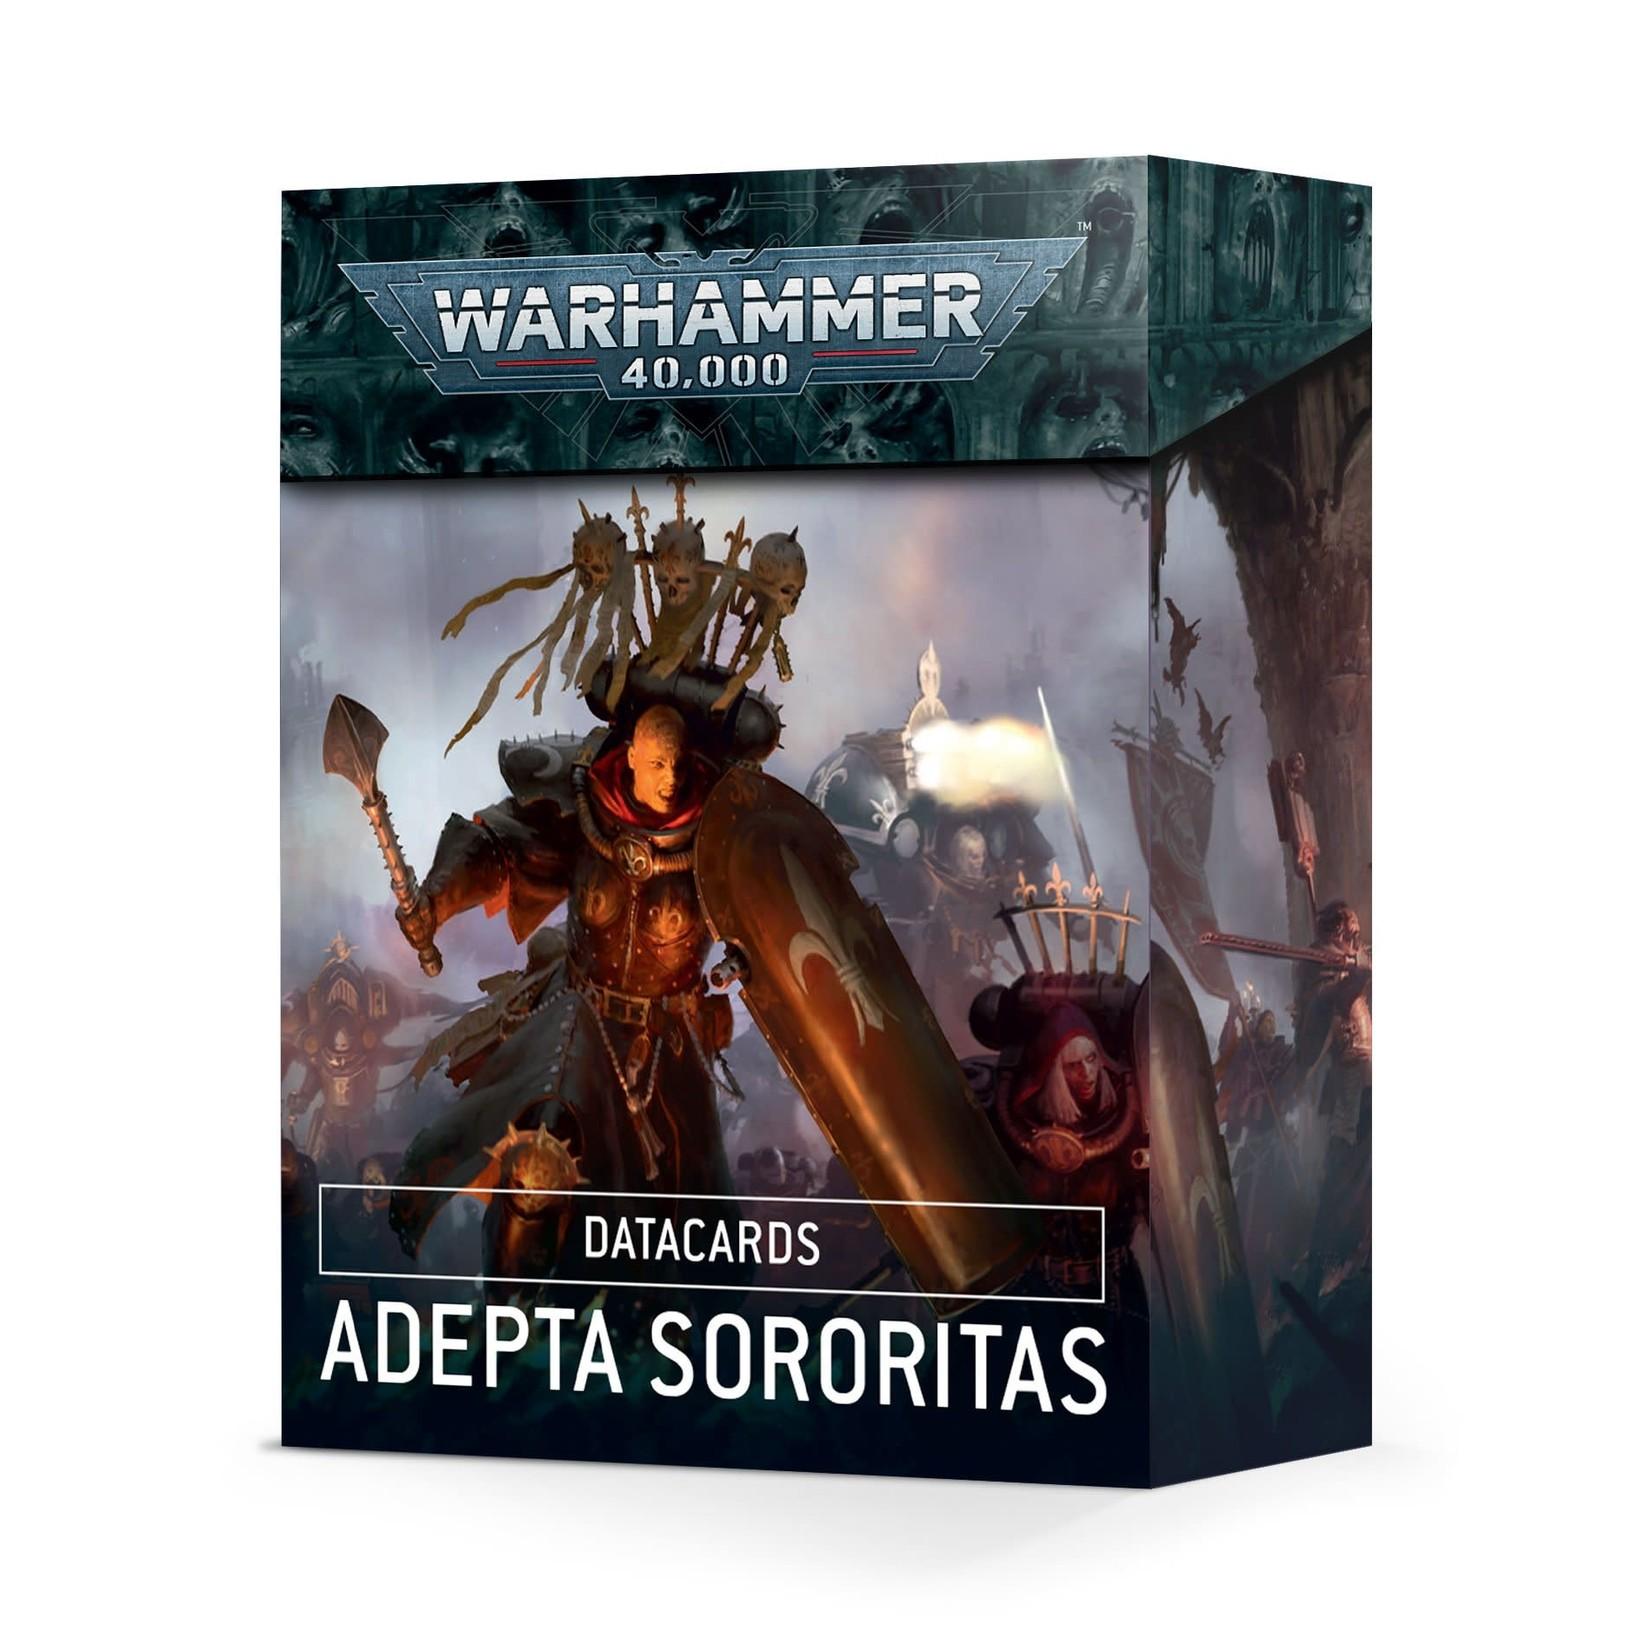 Adepta Sororitas Datacards 9th (40K)